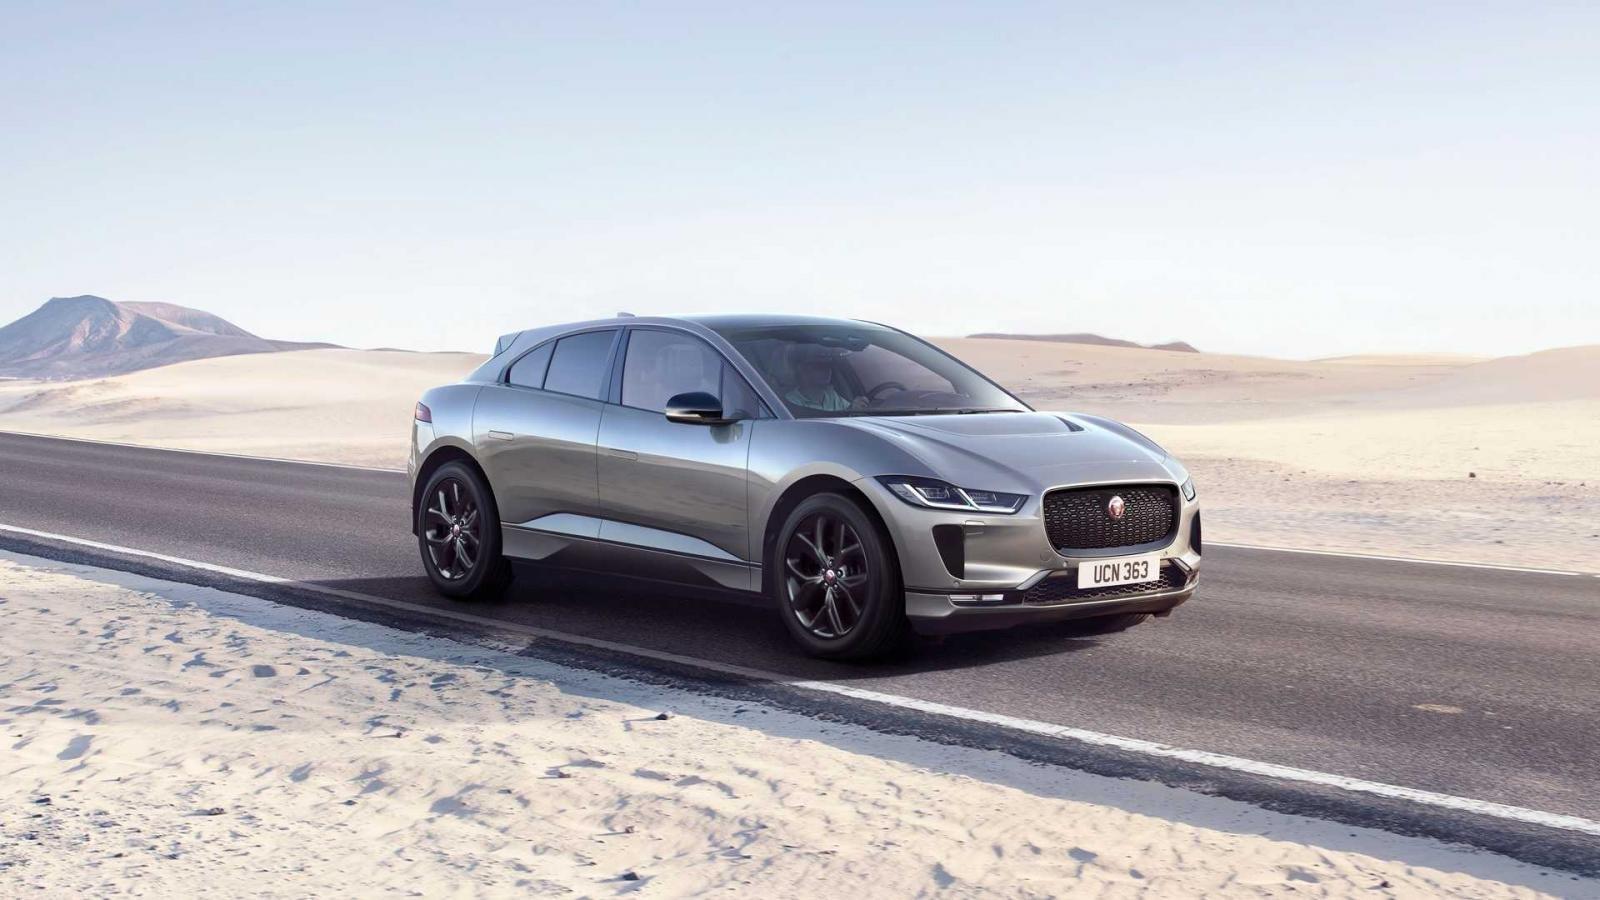 SUV Jaguar I-PACE phiên bản màu đen đặc biệt cung cấp nhiều tùy chọn màu nội thất khác nhau.